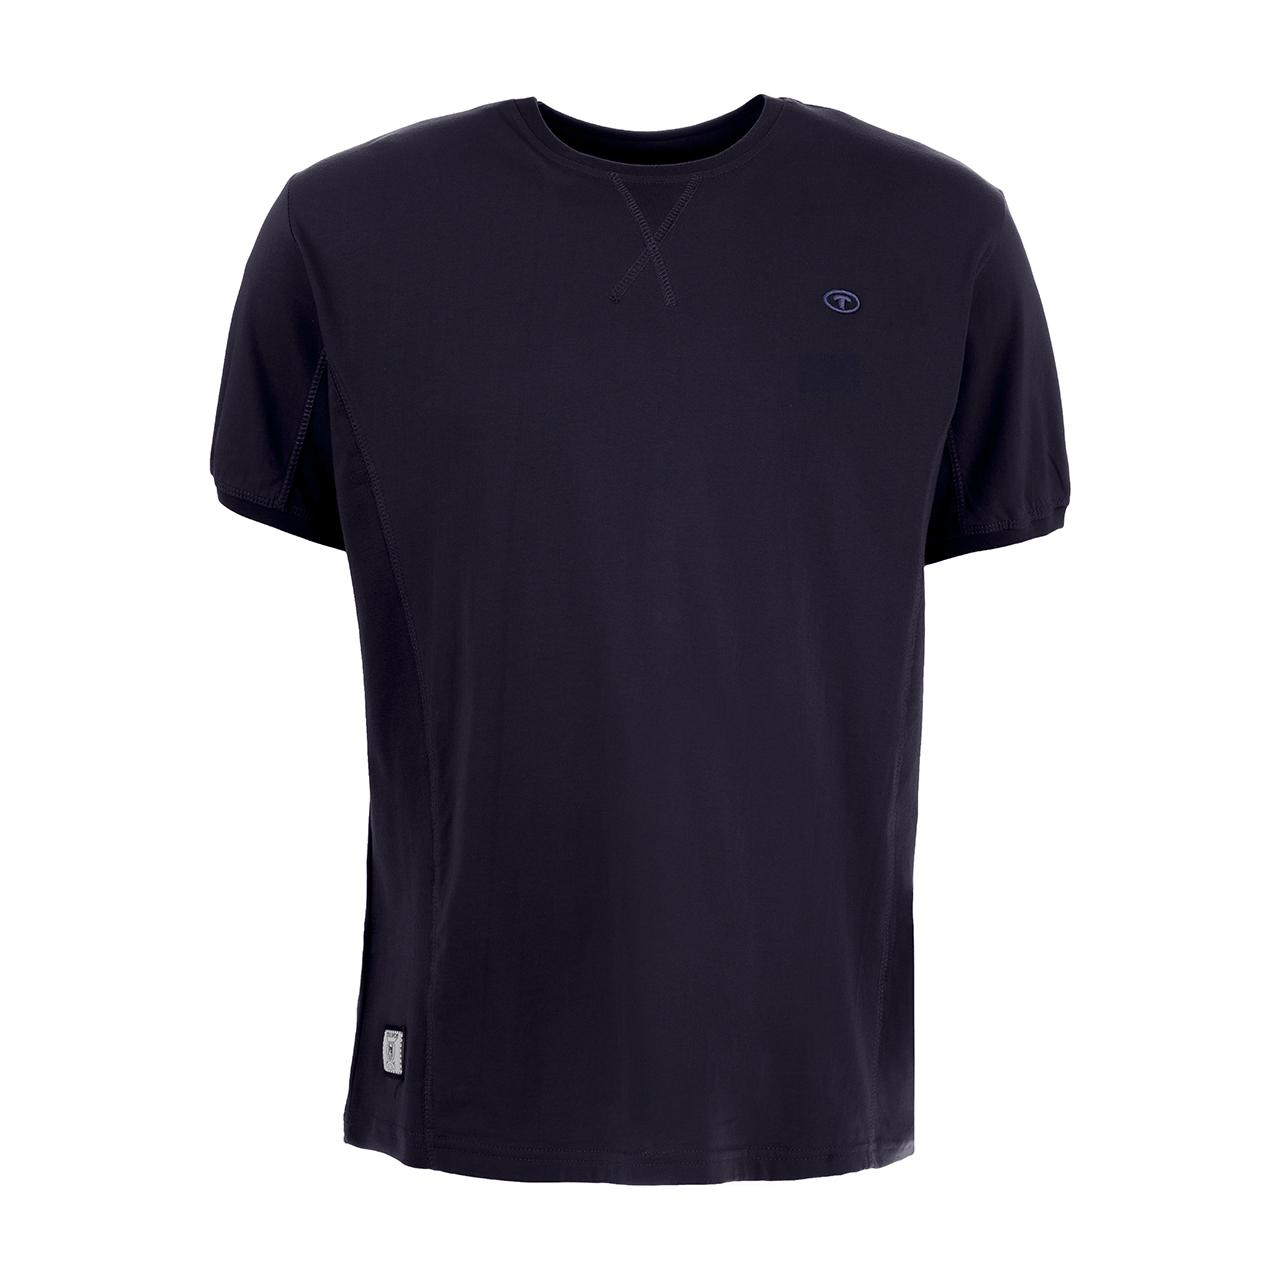 تی شرت مردانه تارکان کد 280-2